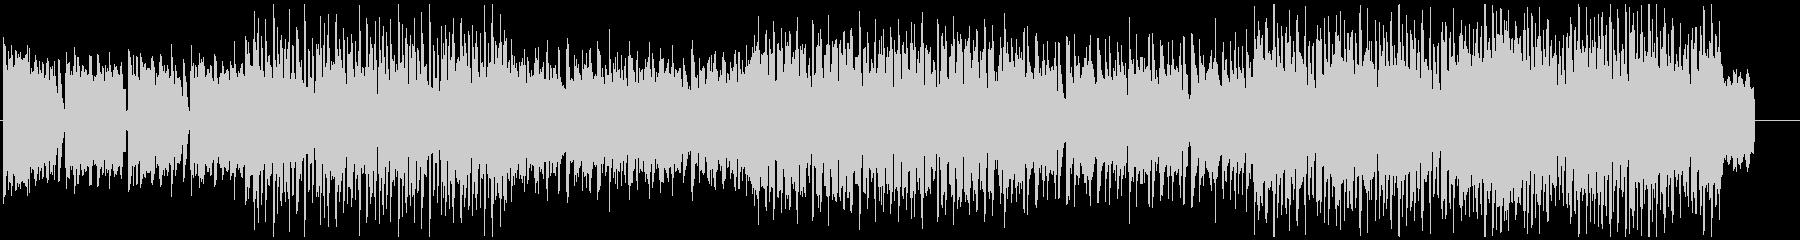 ハイテンションデジロックBGMの未再生の波形